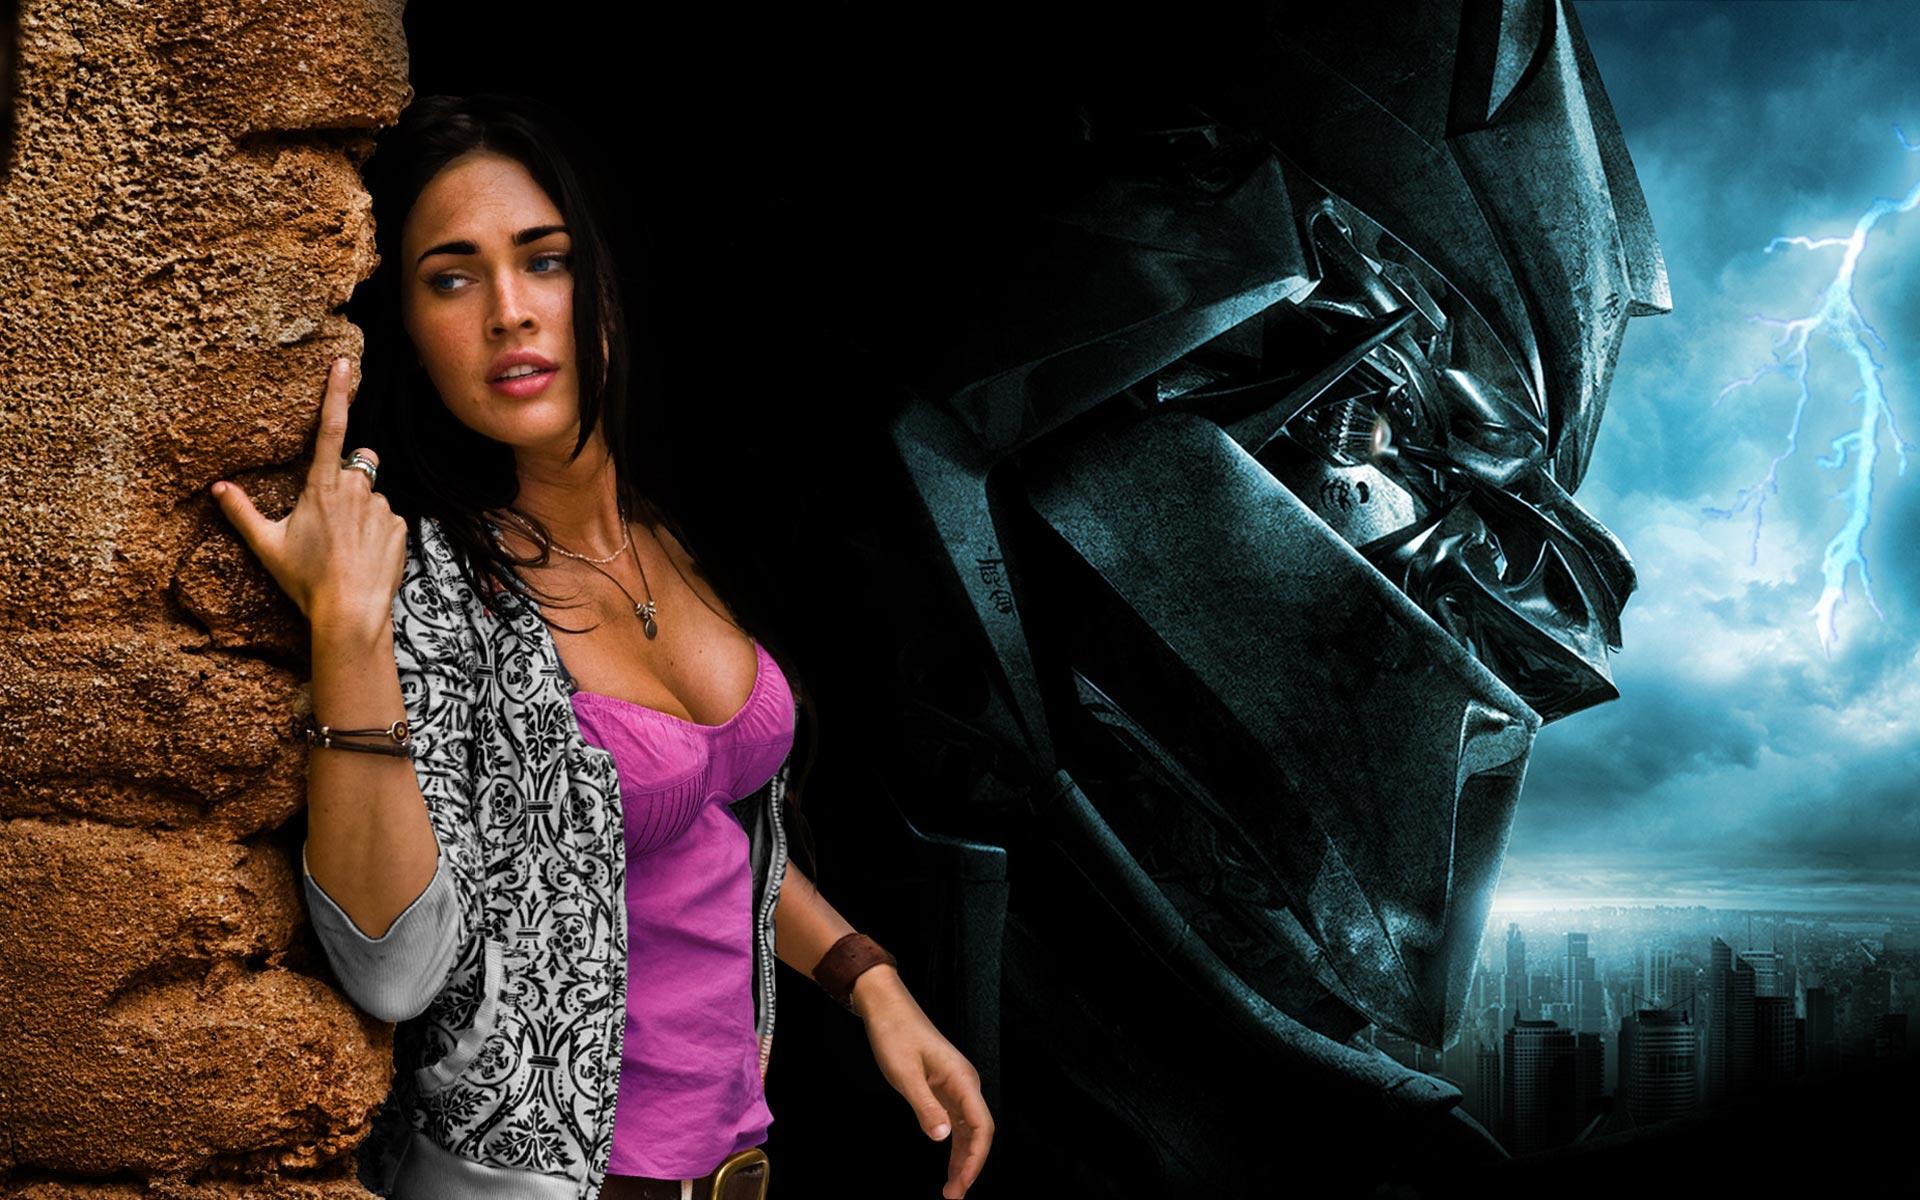 Megan Fox Transformers 66168 HD Wallpaper Res 1920x1200 DesktopAS 1920x1200